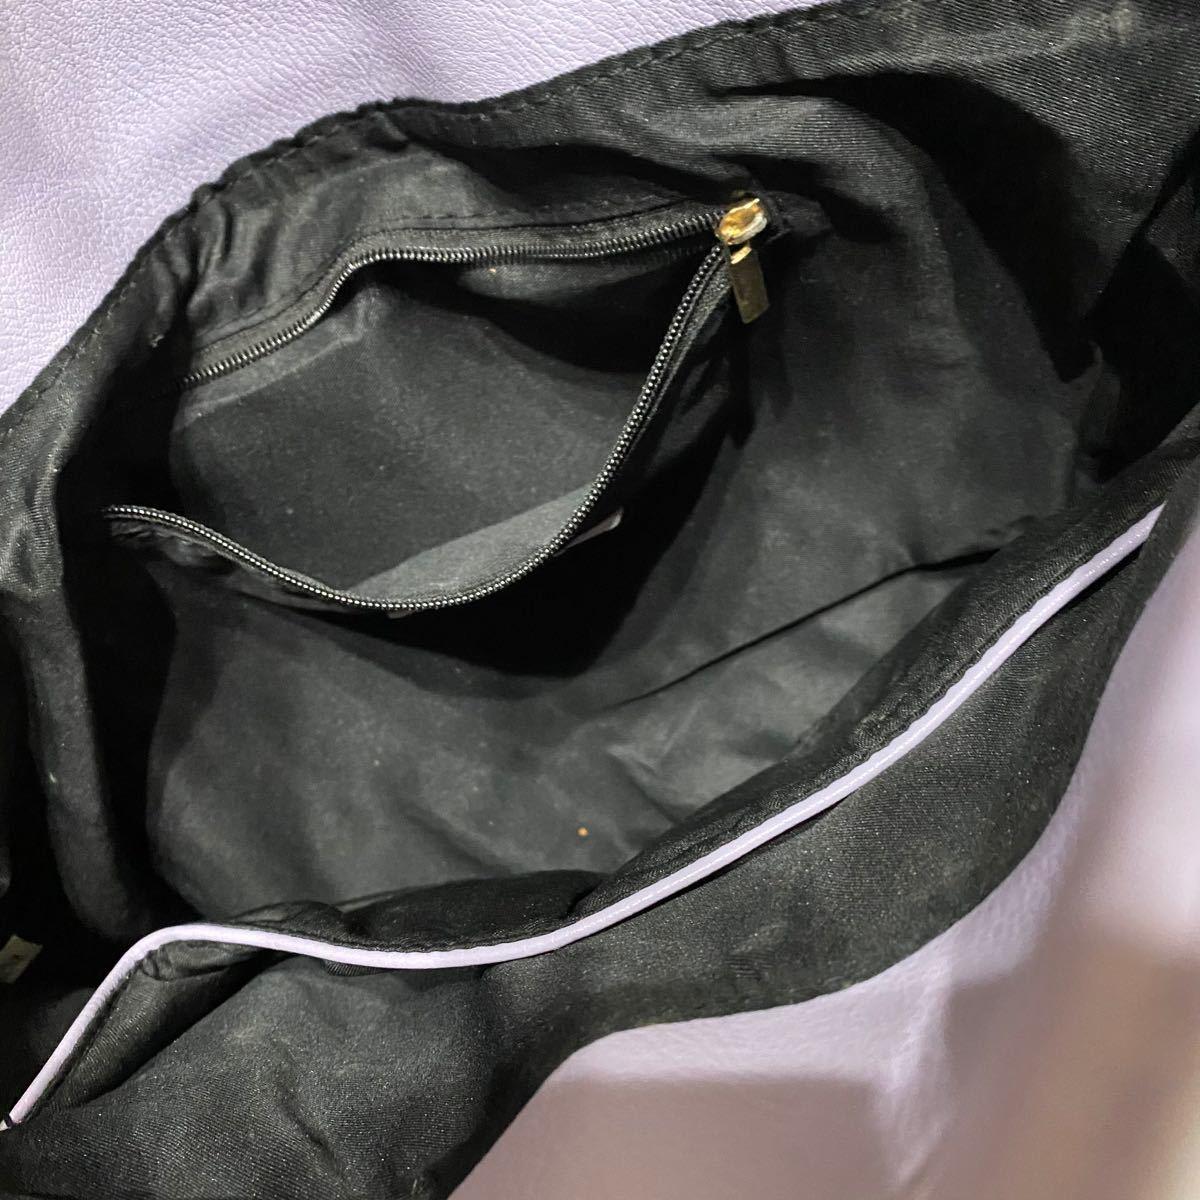 ショルダーバッグ レディース ハンドバッグ ミニバック お出かけバッグ ホワイト 春夏 ママ 韓国 ギャル